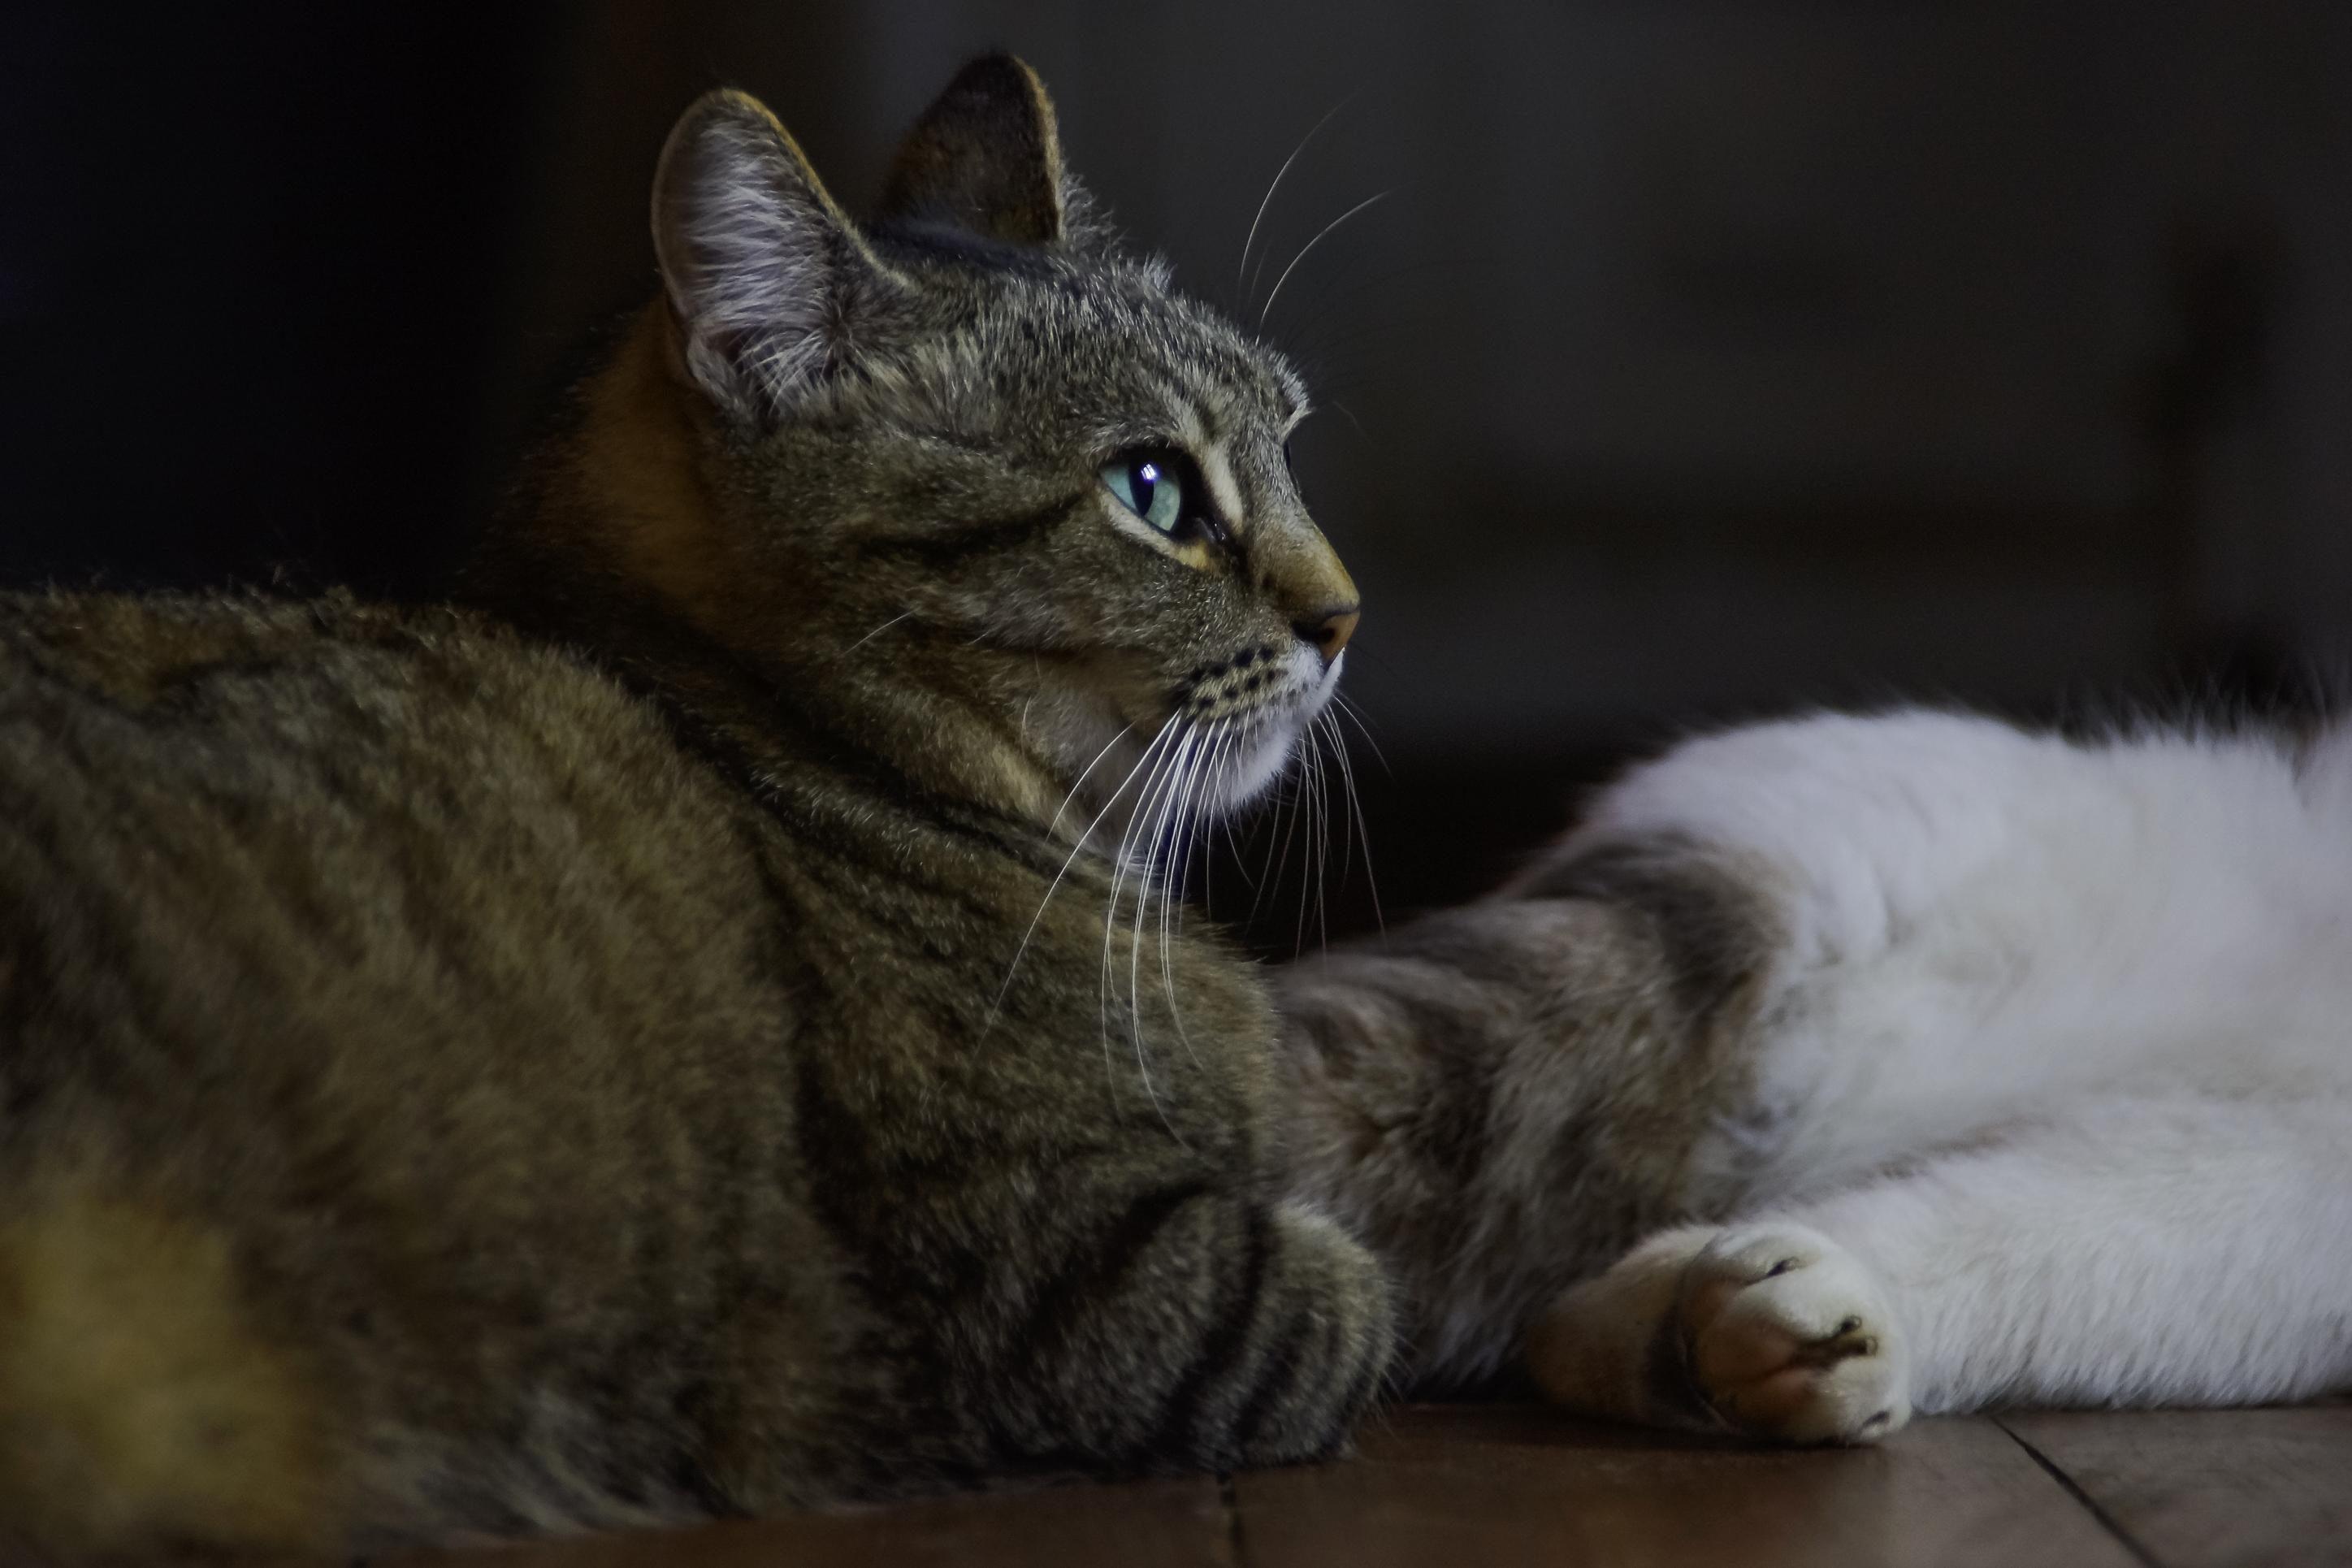 kostenlose bild katze haustier katze tier niedlich portr t fell katze kitty schnurrhaare. Black Bedroom Furniture Sets. Home Design Ideas